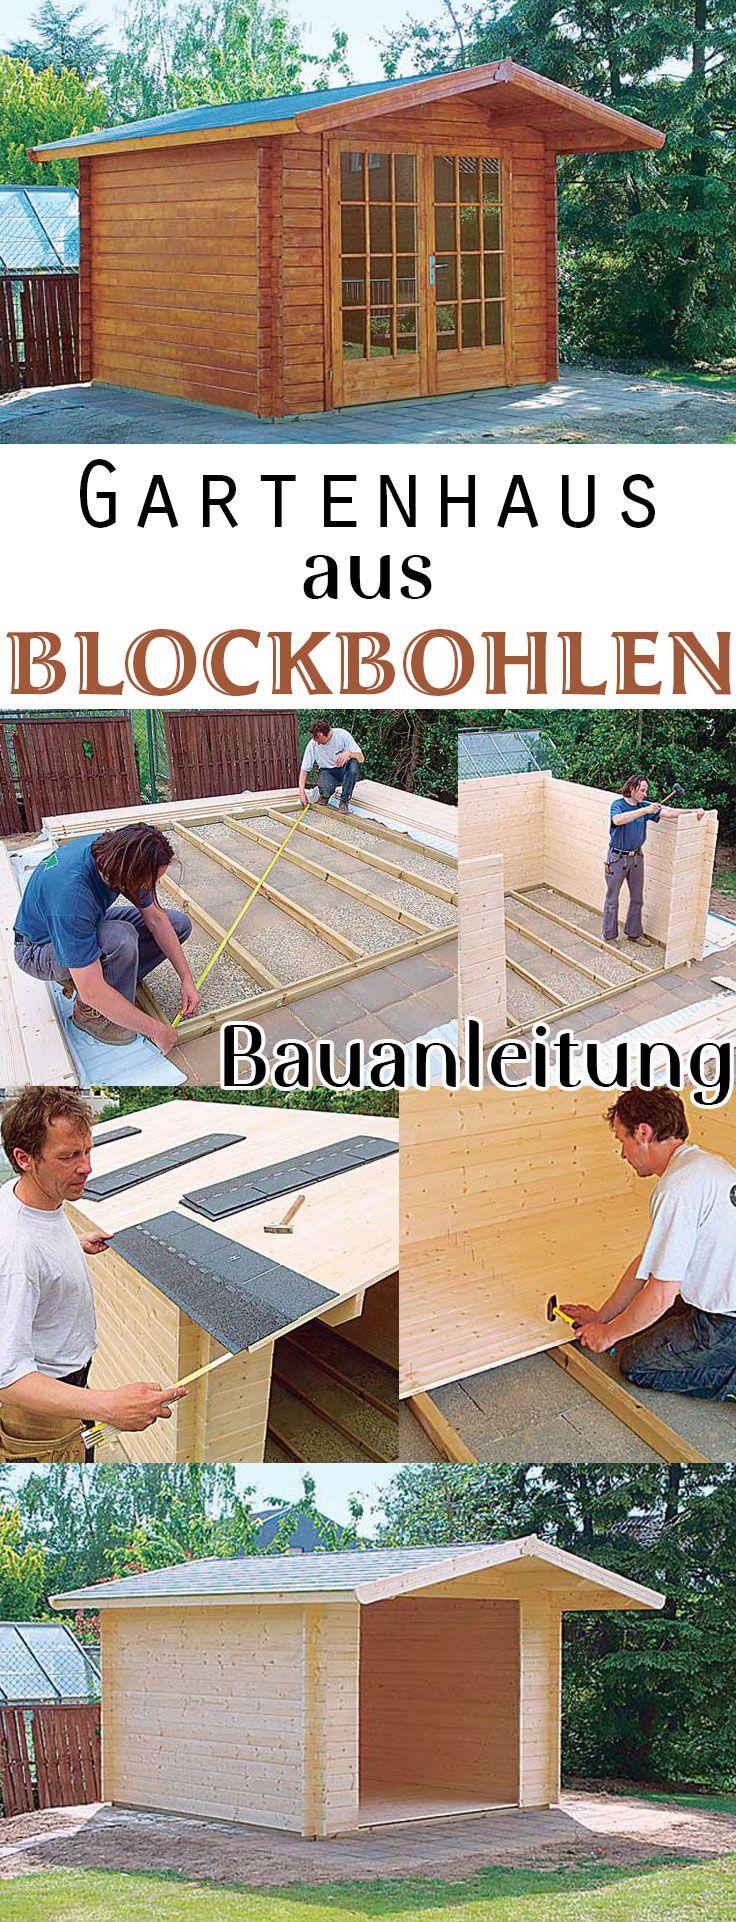 Gartenhaus aufbauen Gartenhaus, Gartenhaus dach und